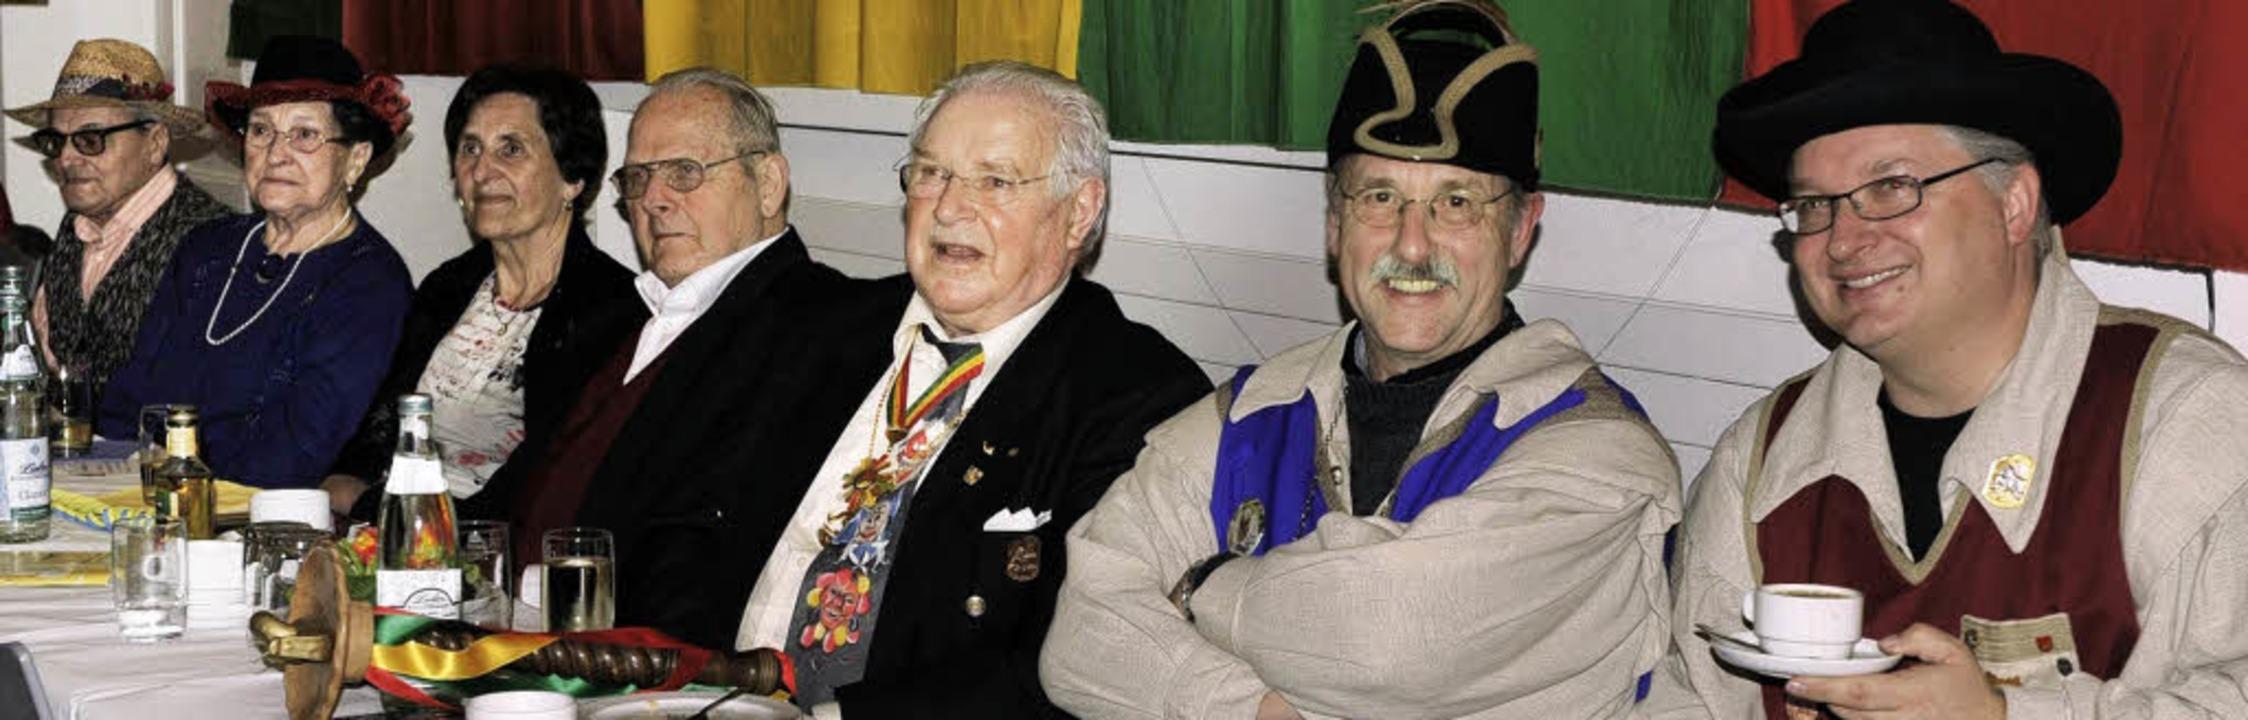 Die Senioren genossen das bunte Progra...rnnat (von rechts) ihren Spaß hatten.   | Foto: Heidemarie Wussler